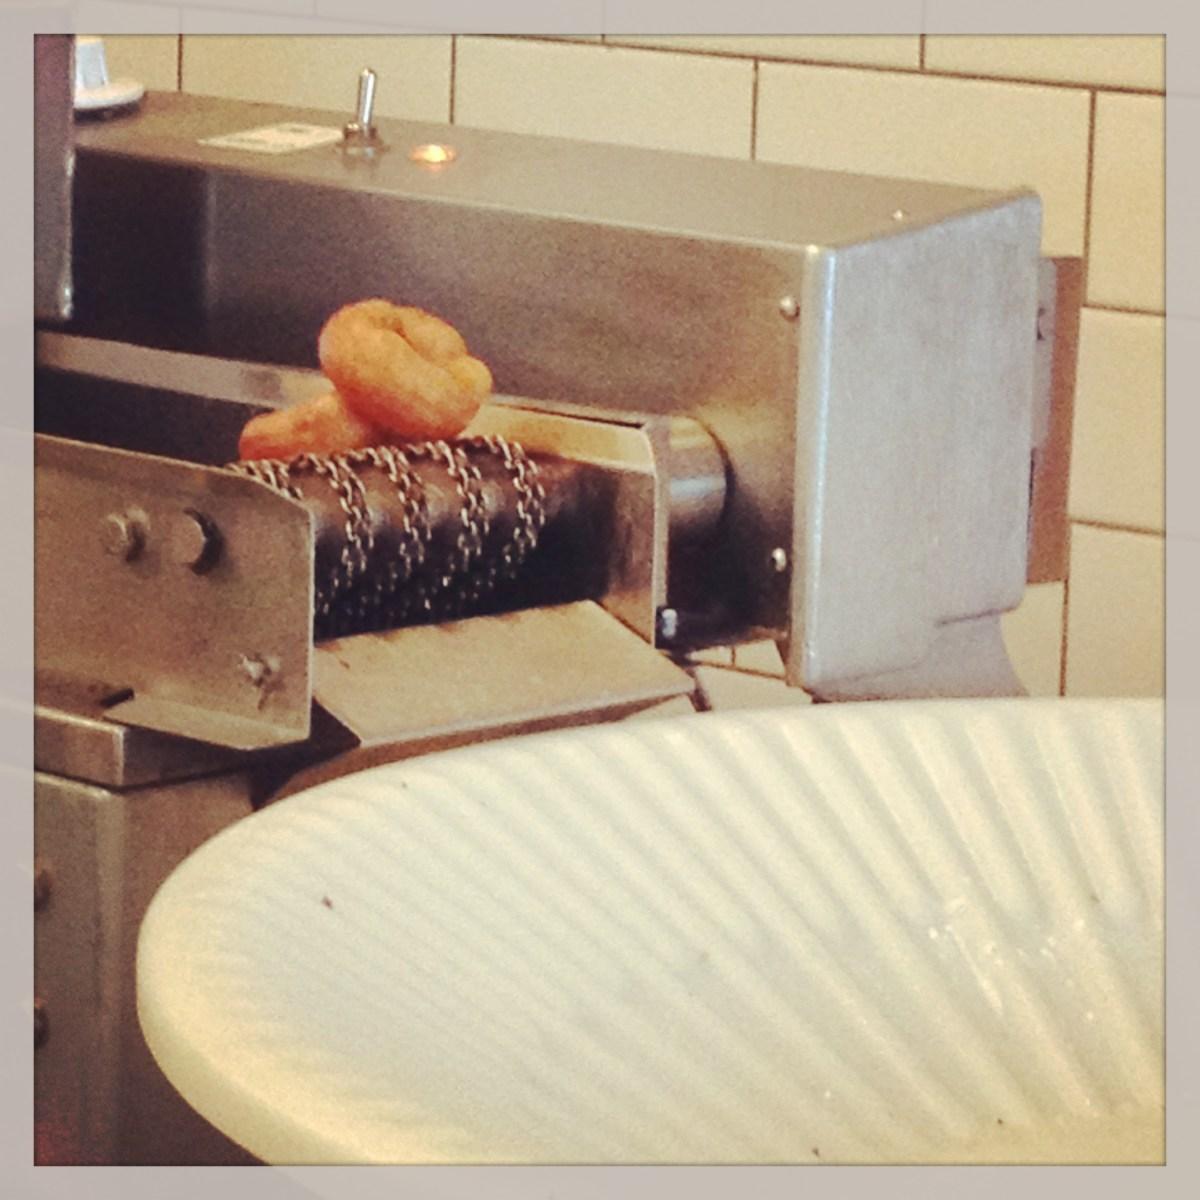 Donut Conveyor Belt